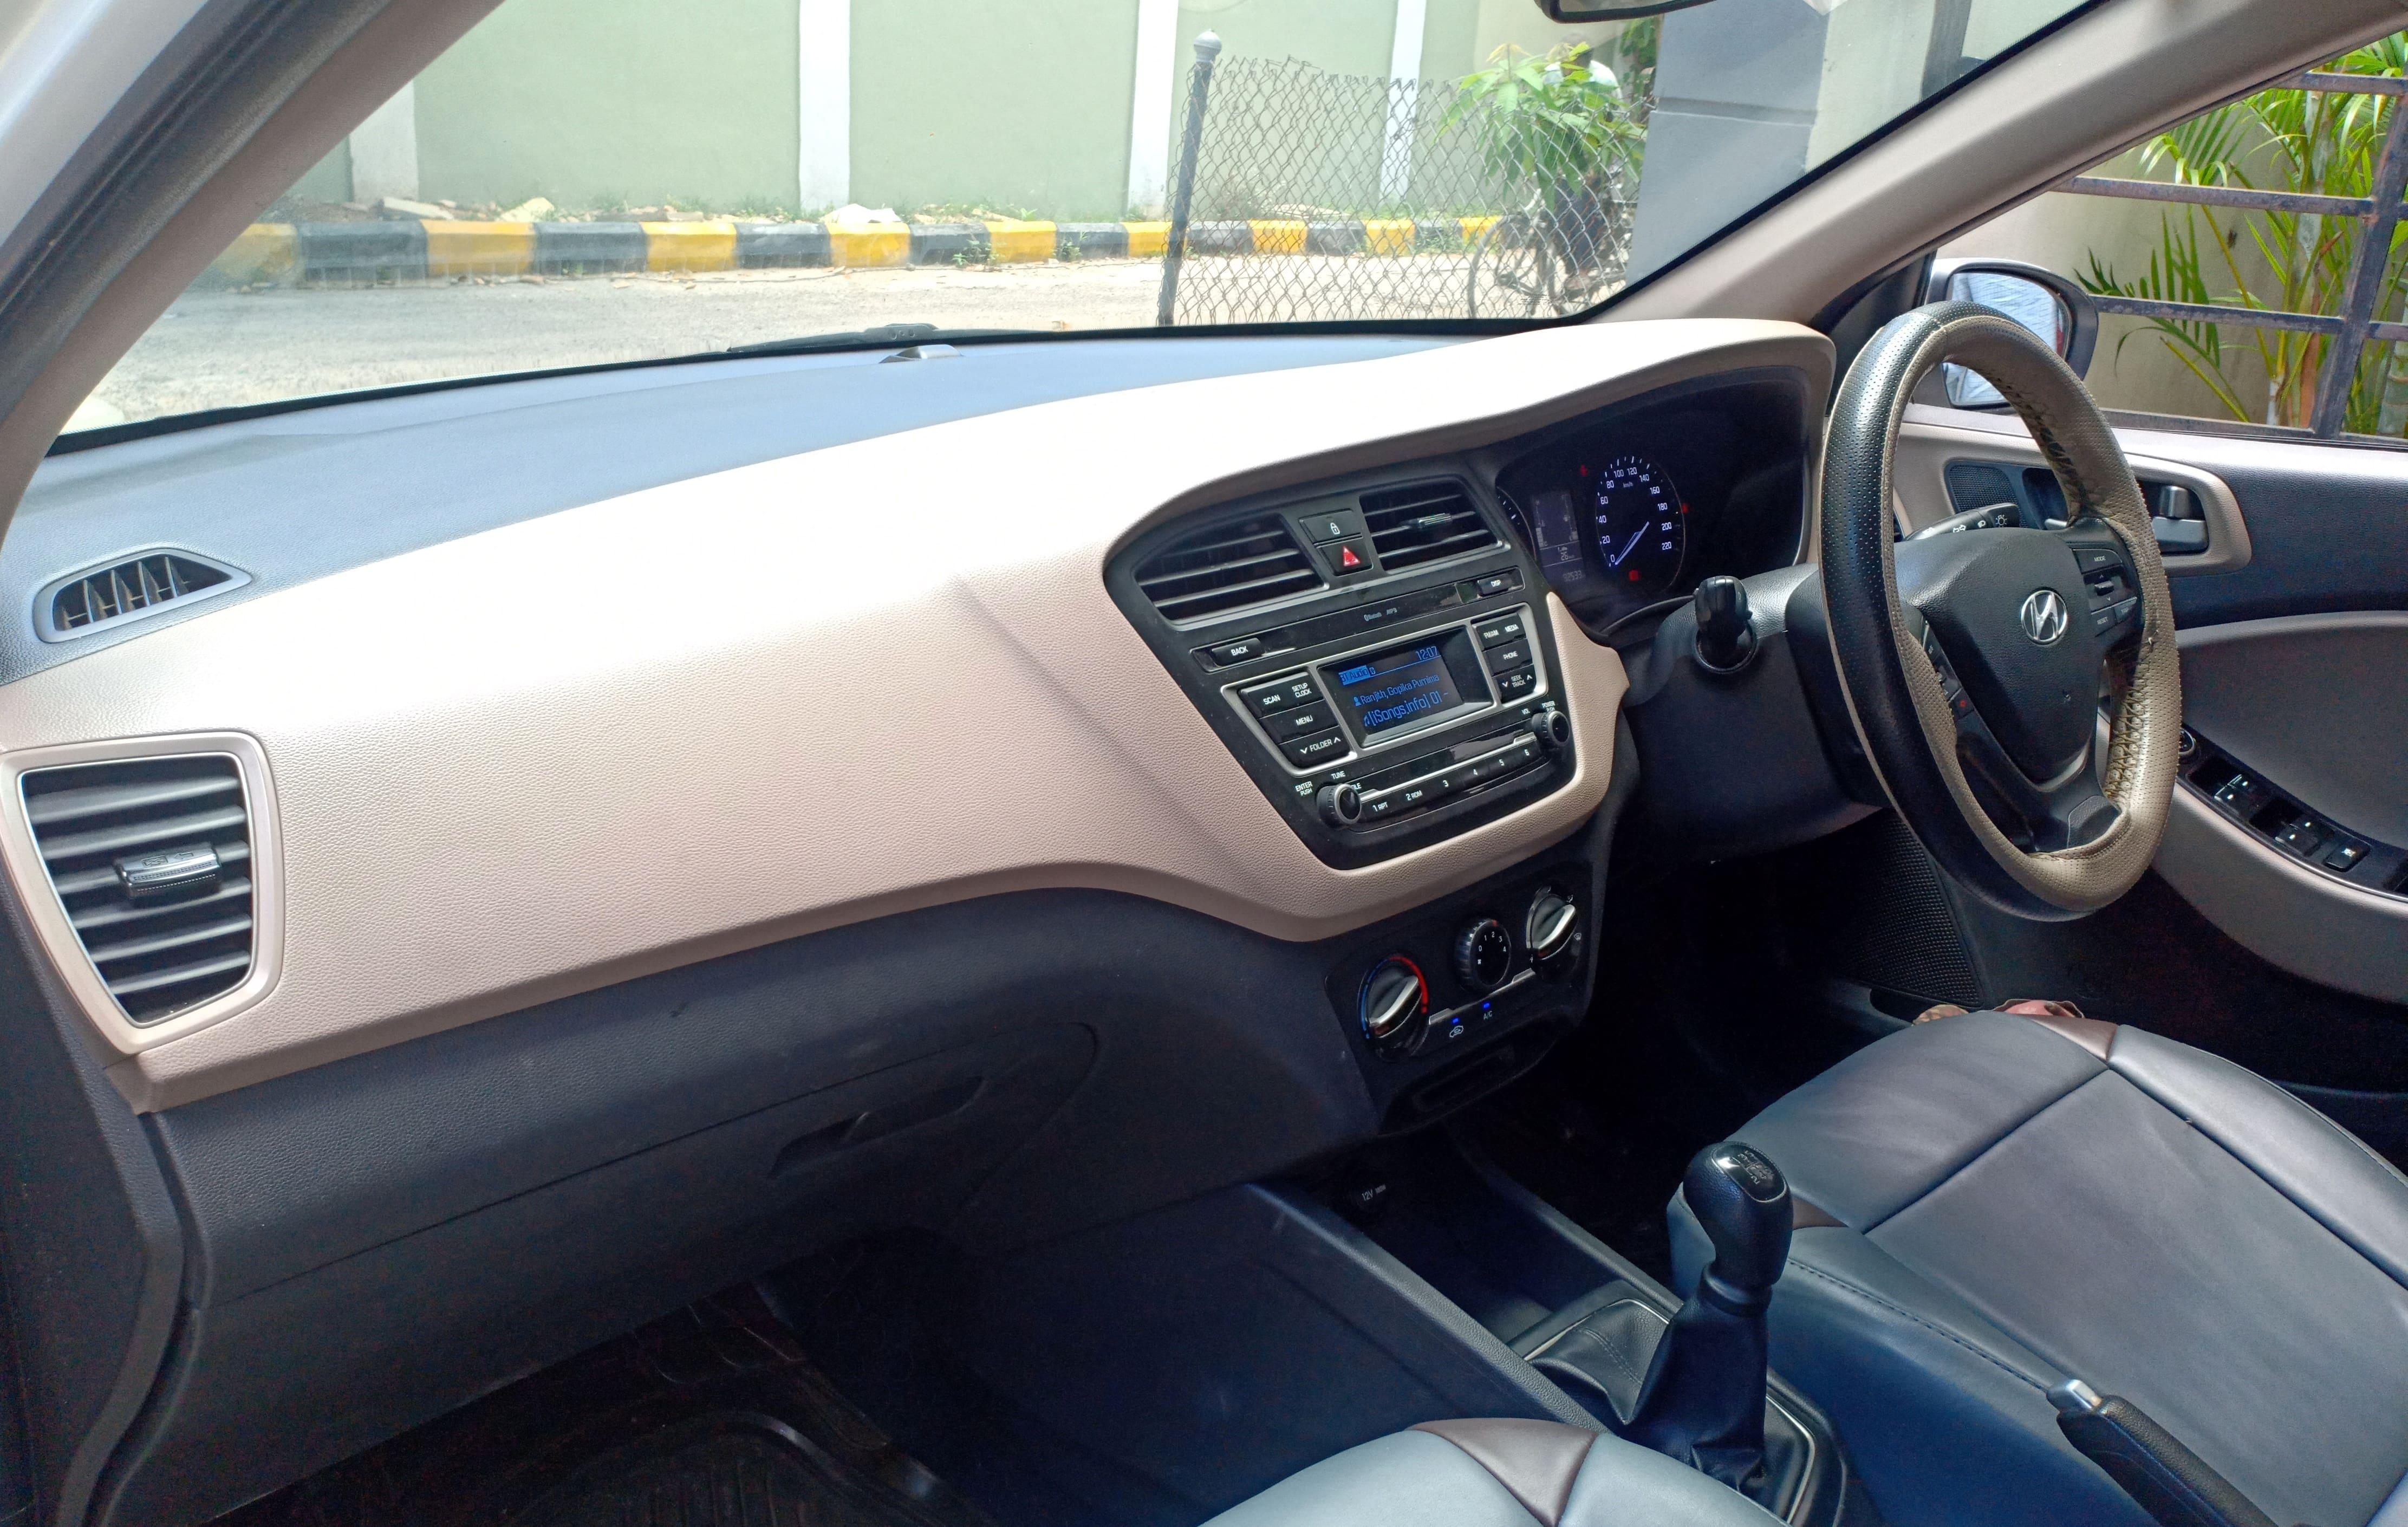 Hyundai Elite i20 Magna Plus BSIV